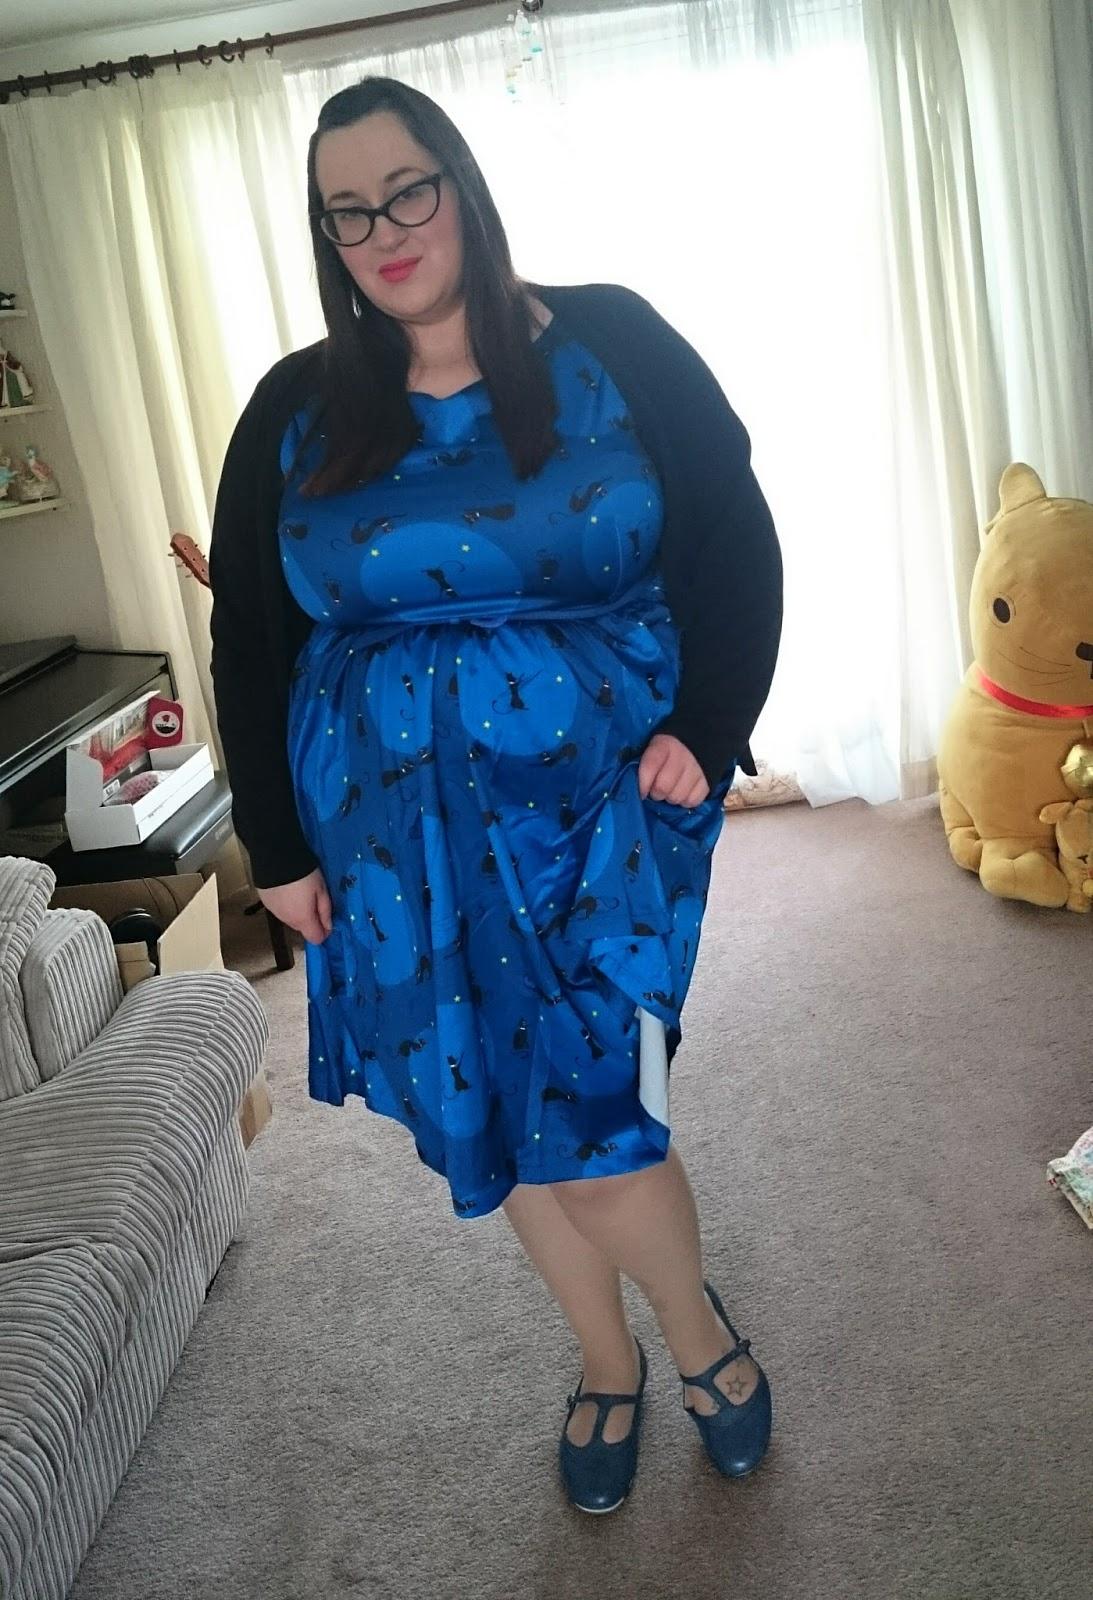 Chubby girl leggs - 2 7